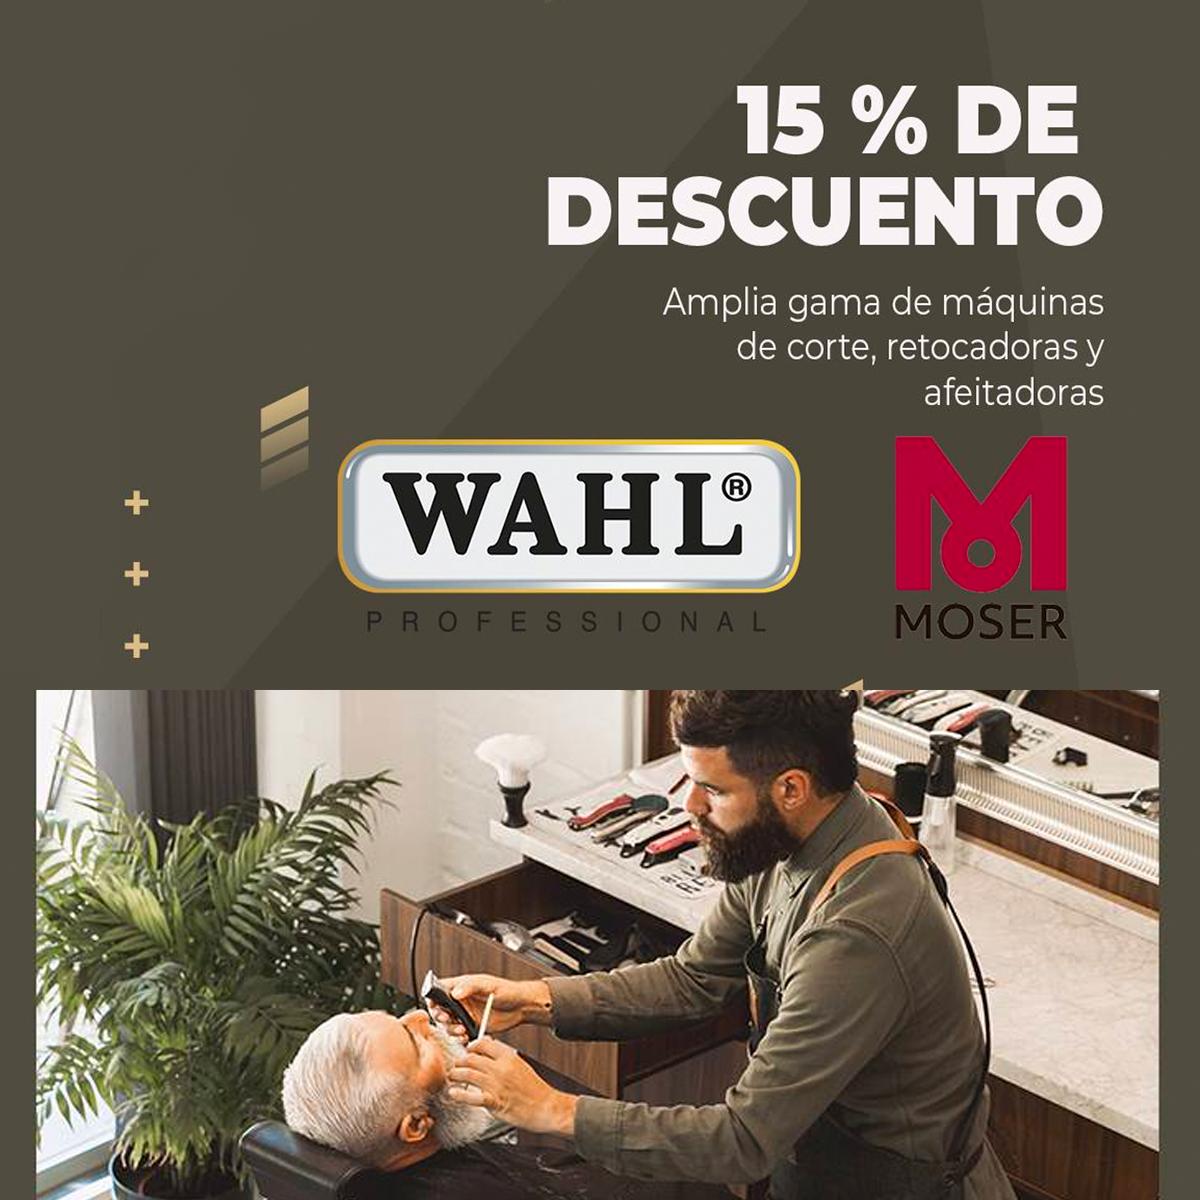 La casa del peluquero en Sevilla